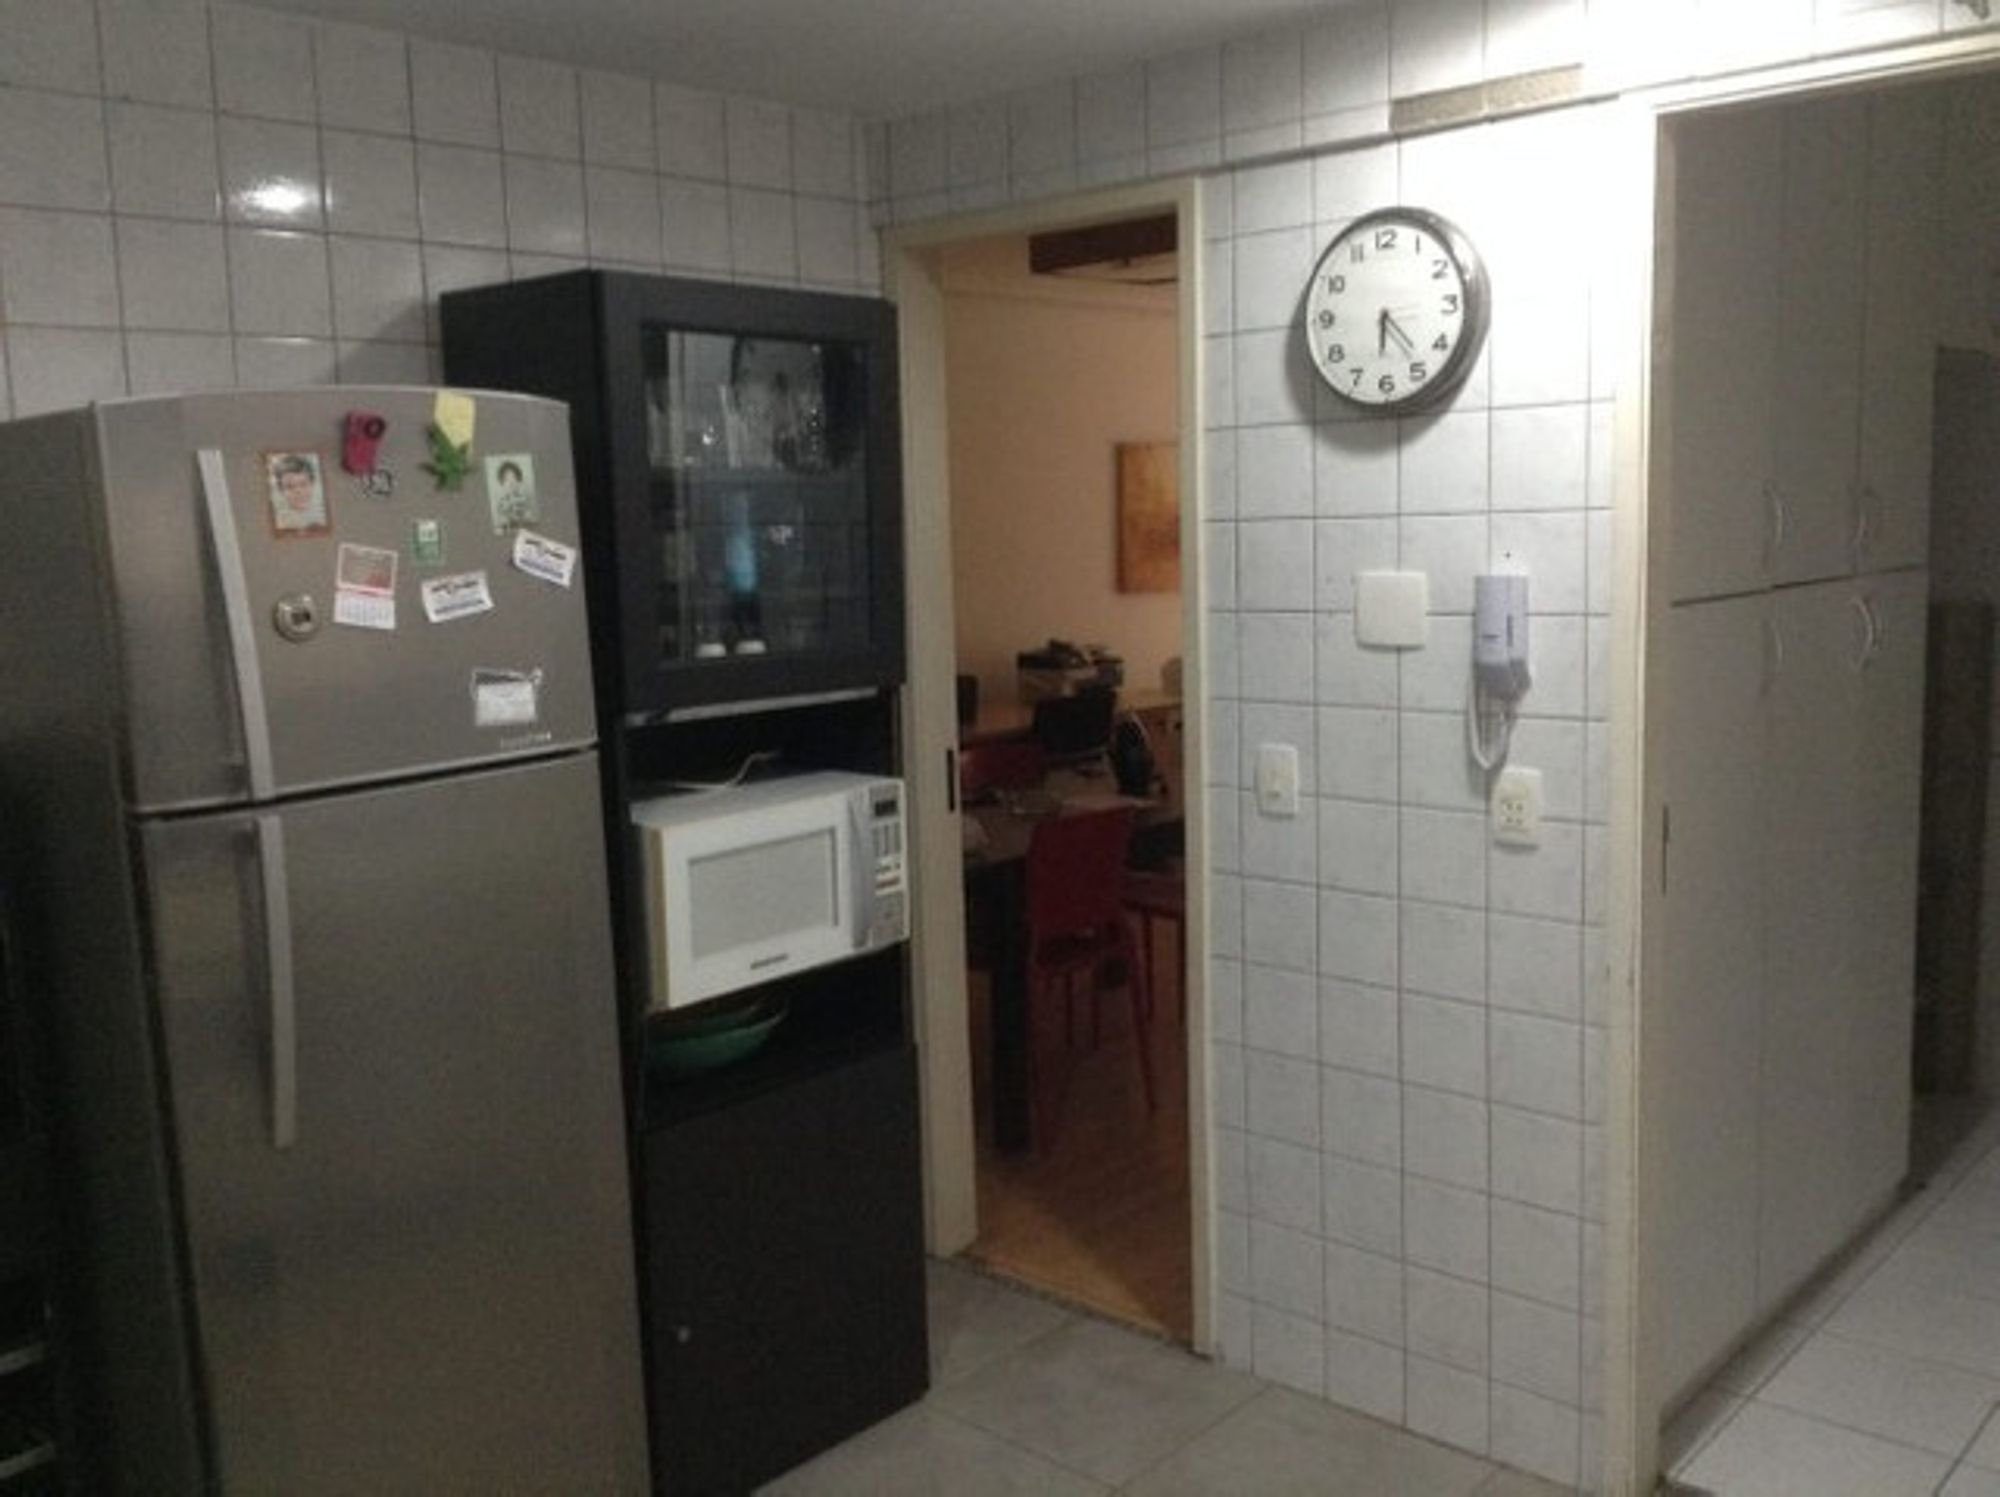 Foto de Cozinha com geladeira, microondas, relógio